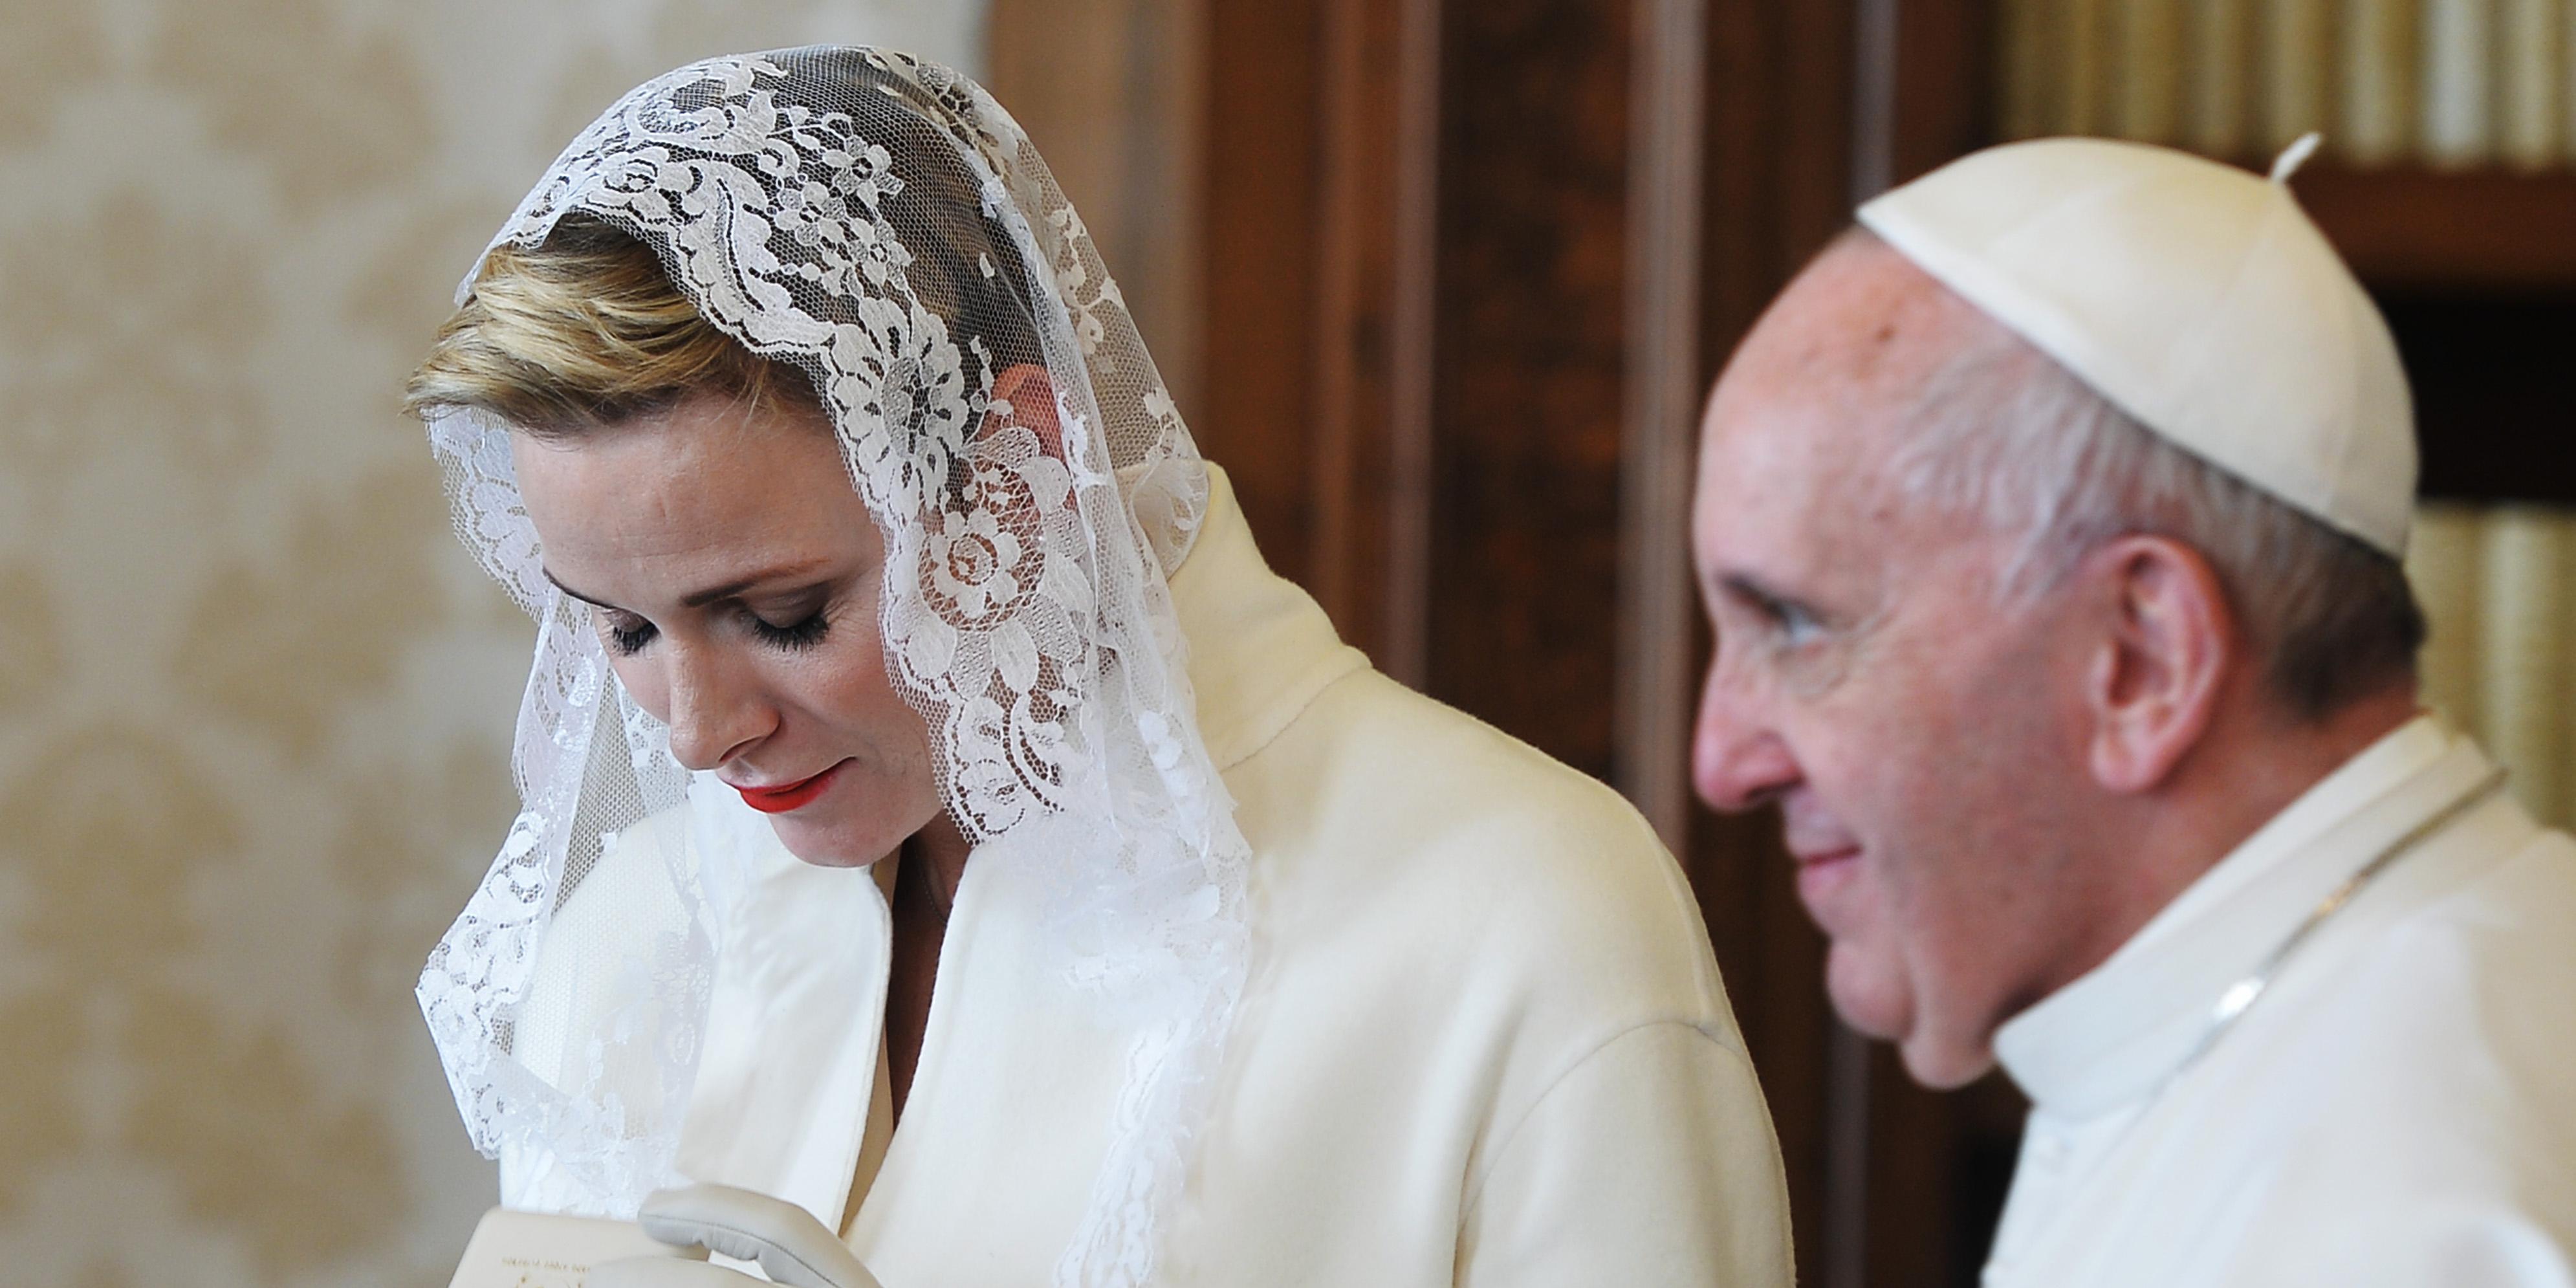 comment s habiller pour rencontrer le pape)